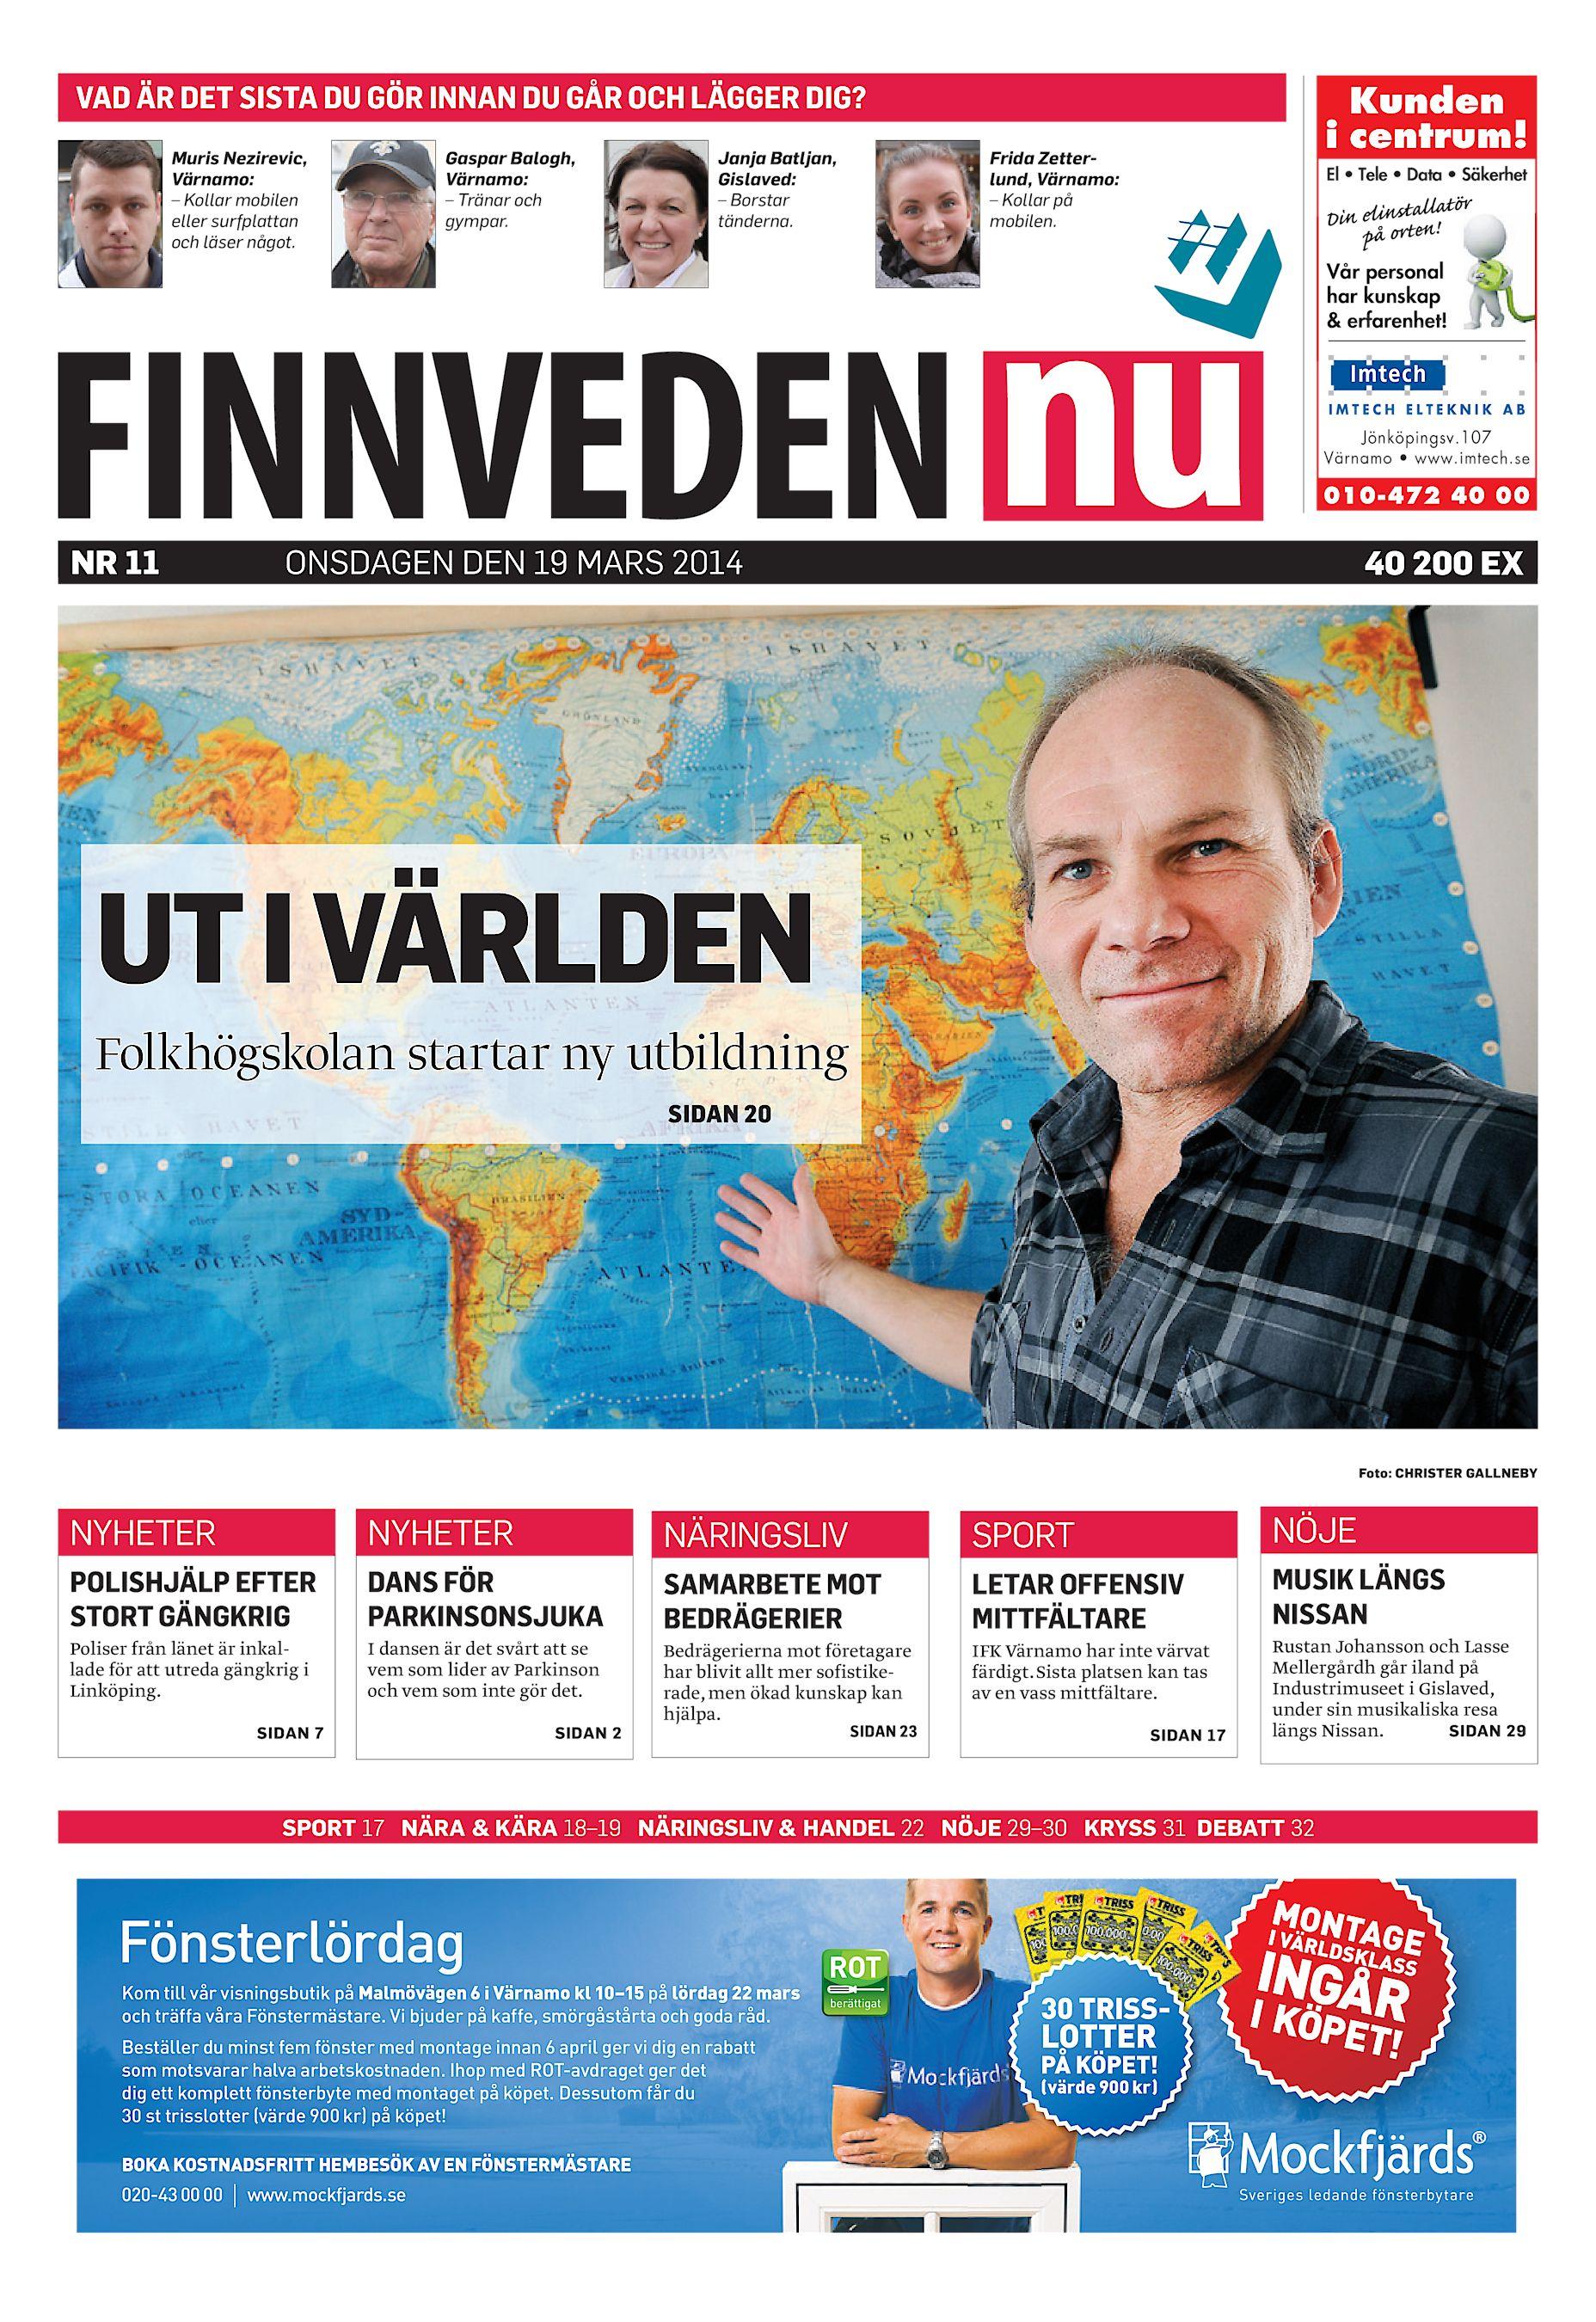 Finnveden.nu FNU 2014 03 19 (endast text)